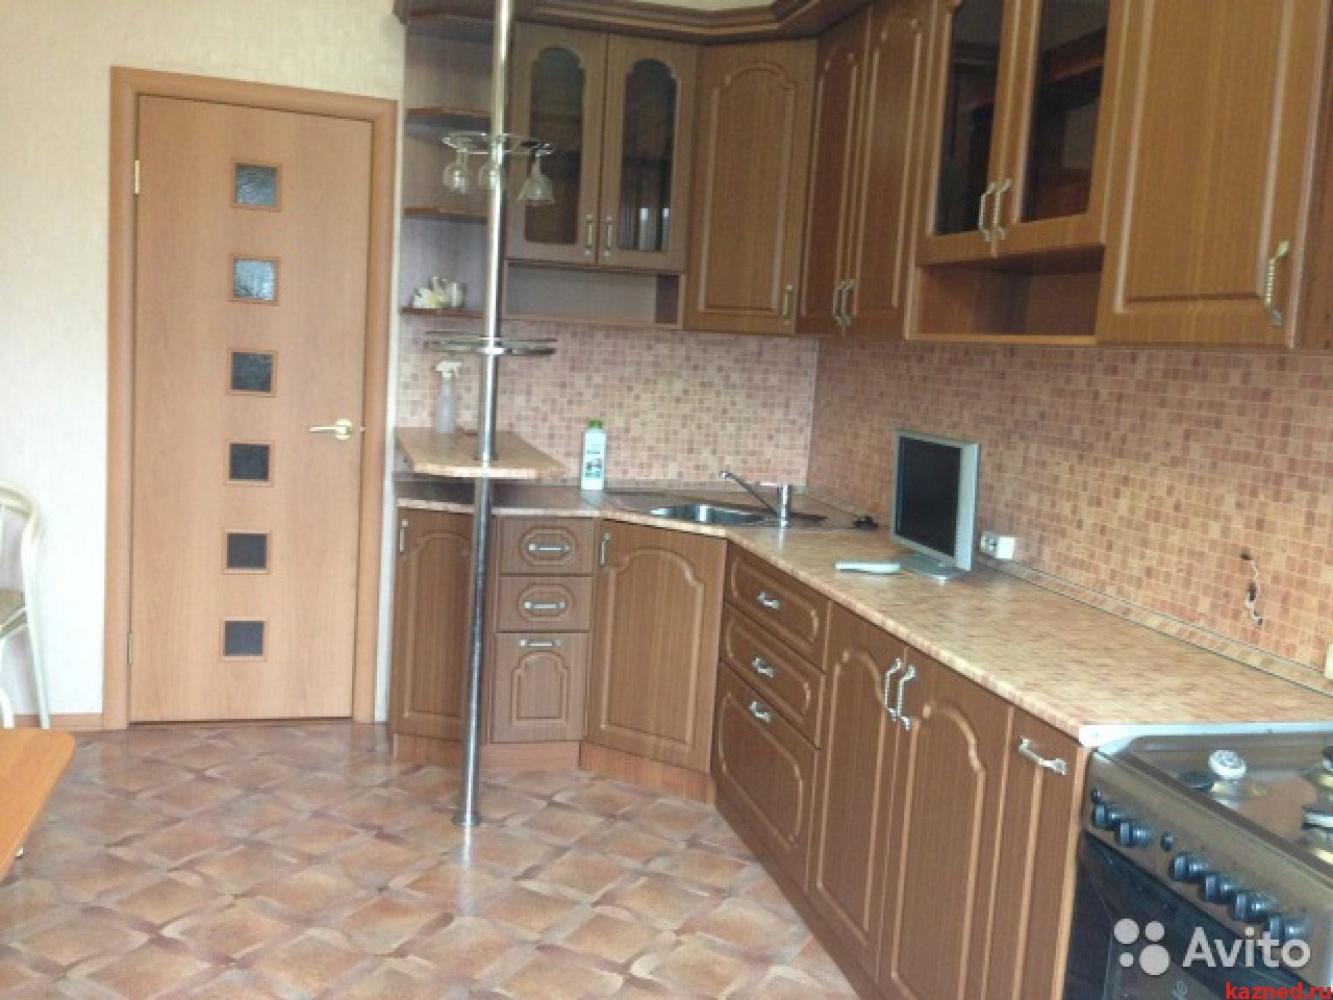 Продажа 1-к квартиры ленинградская 22, 44 м² (миниатюра №2)